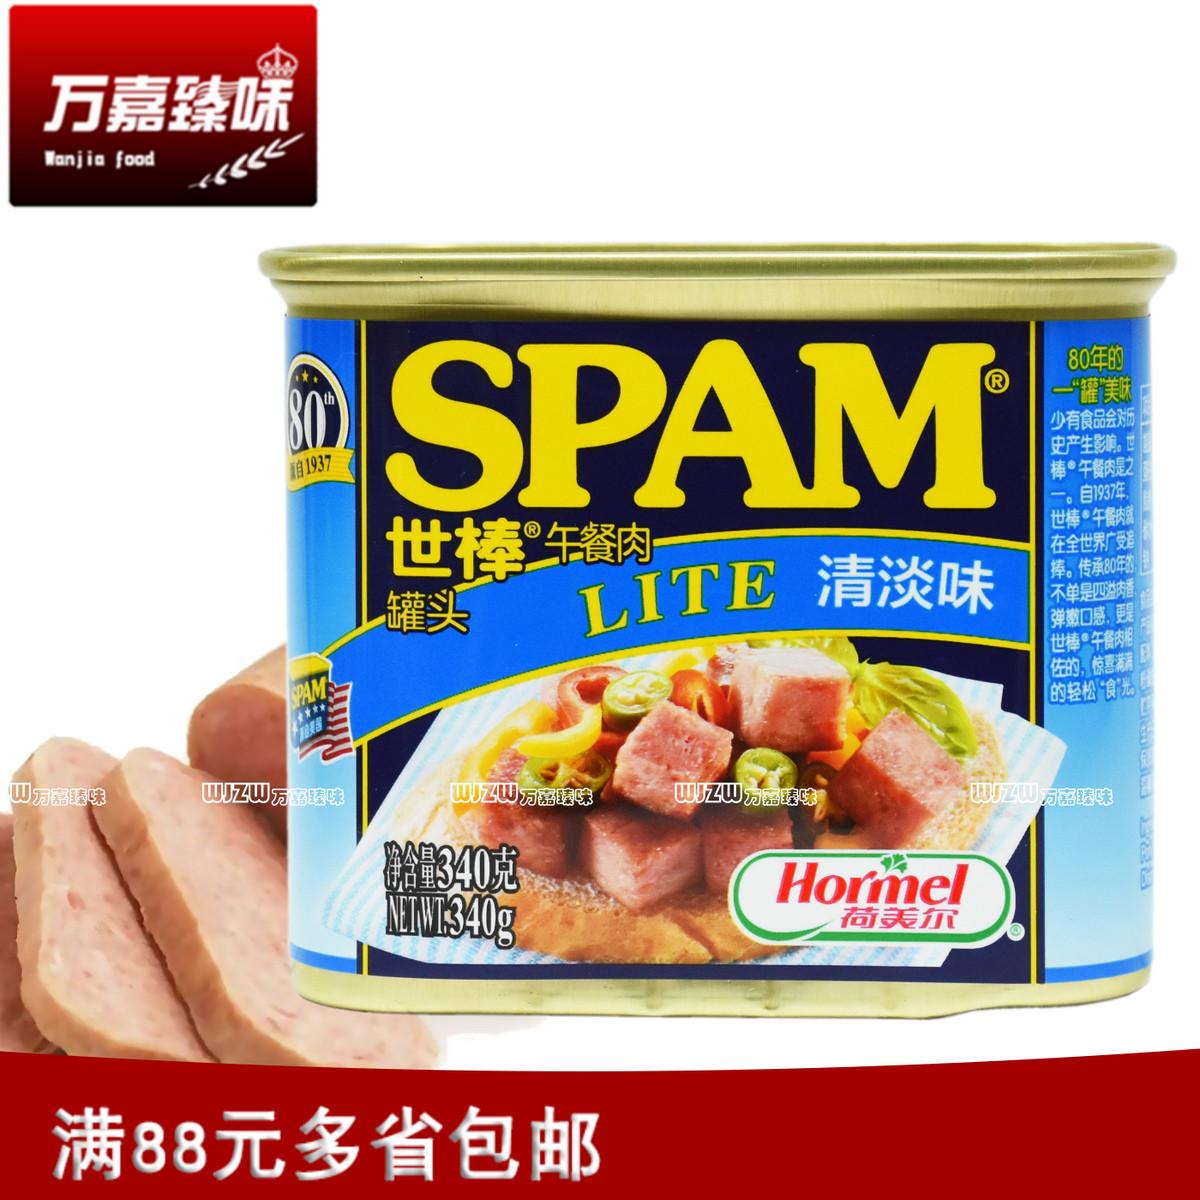 荷美尔世棒午餐肉清淡味340g spam泡面火锅即食罐头 包邮